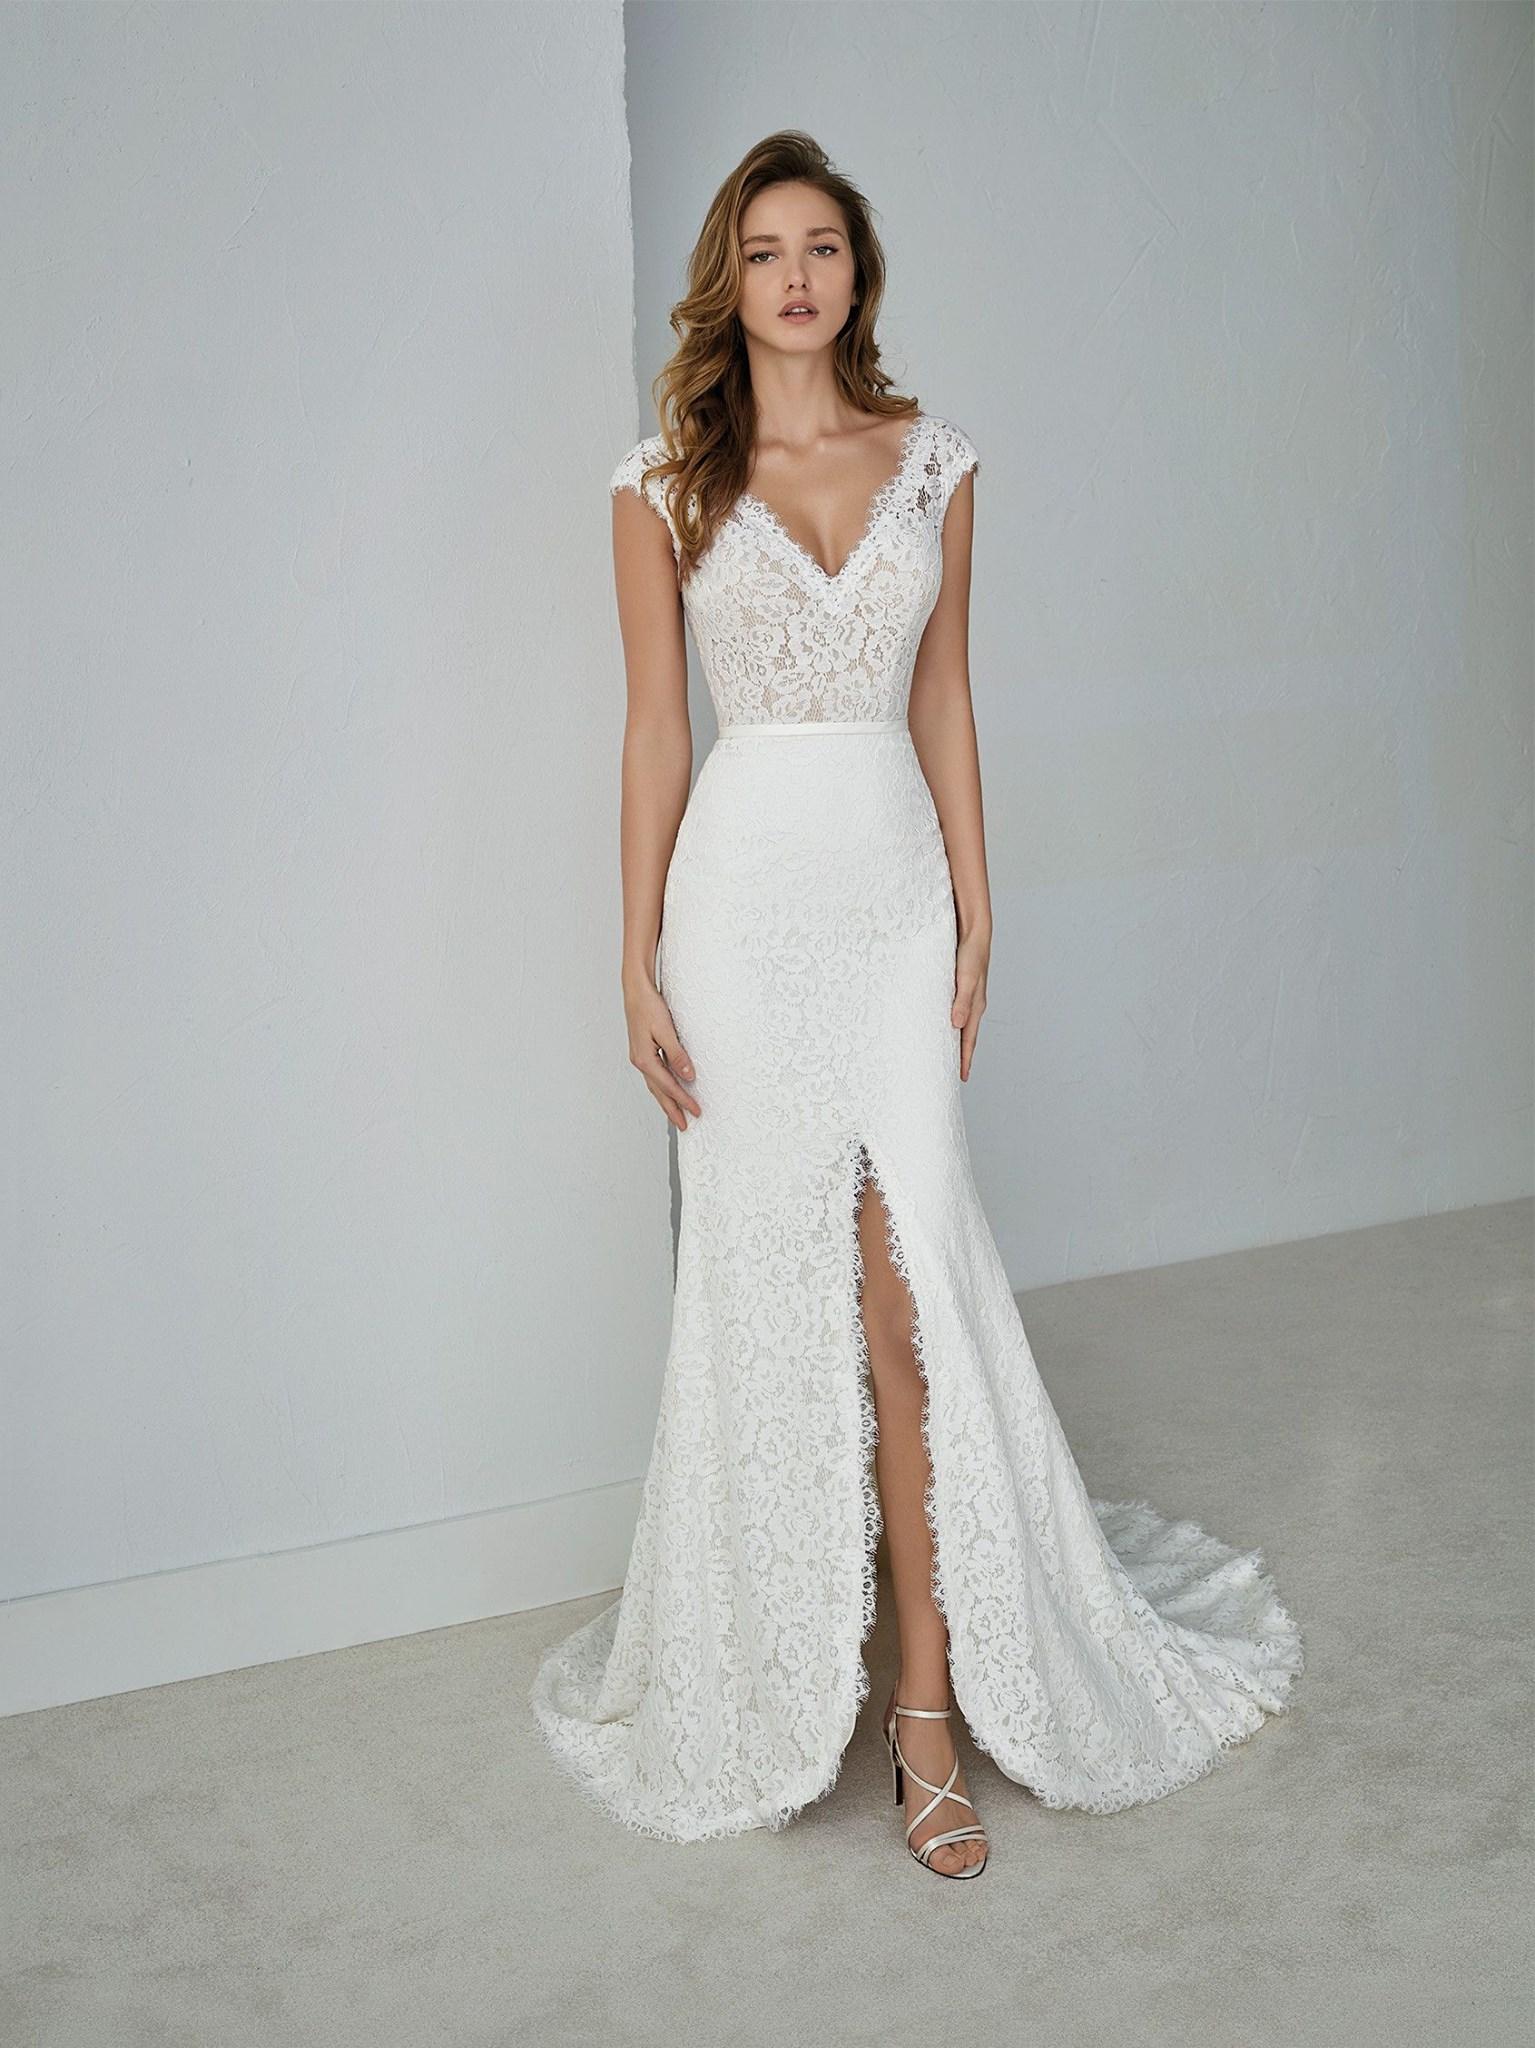 White One Fausta  Retail Price $1213 | Our Price $849